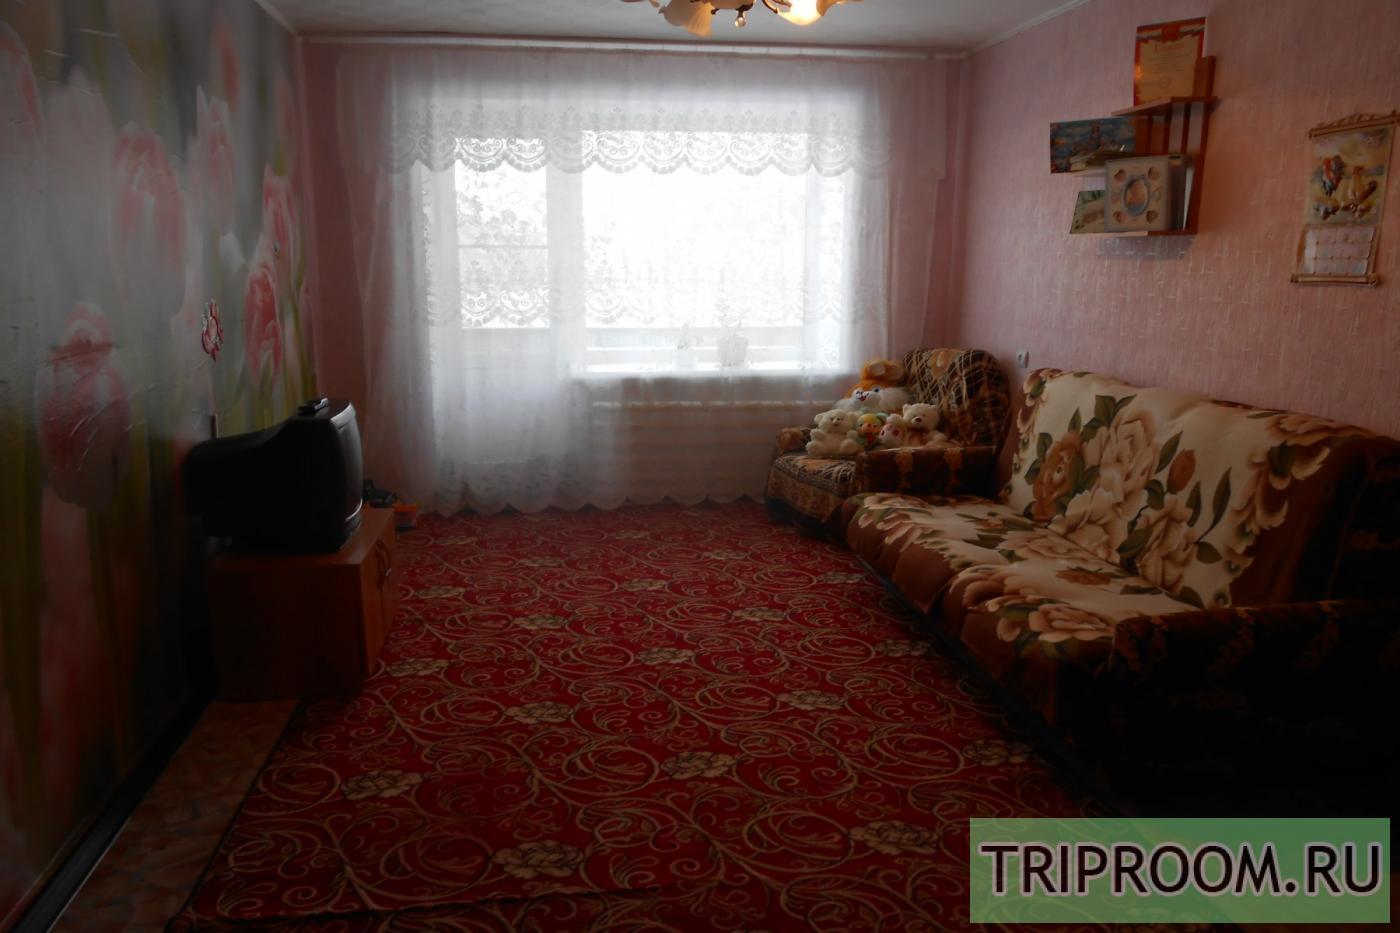 2-комнатная квартира посуточно (вариант № 32154), ул. квартал А, фото № 4